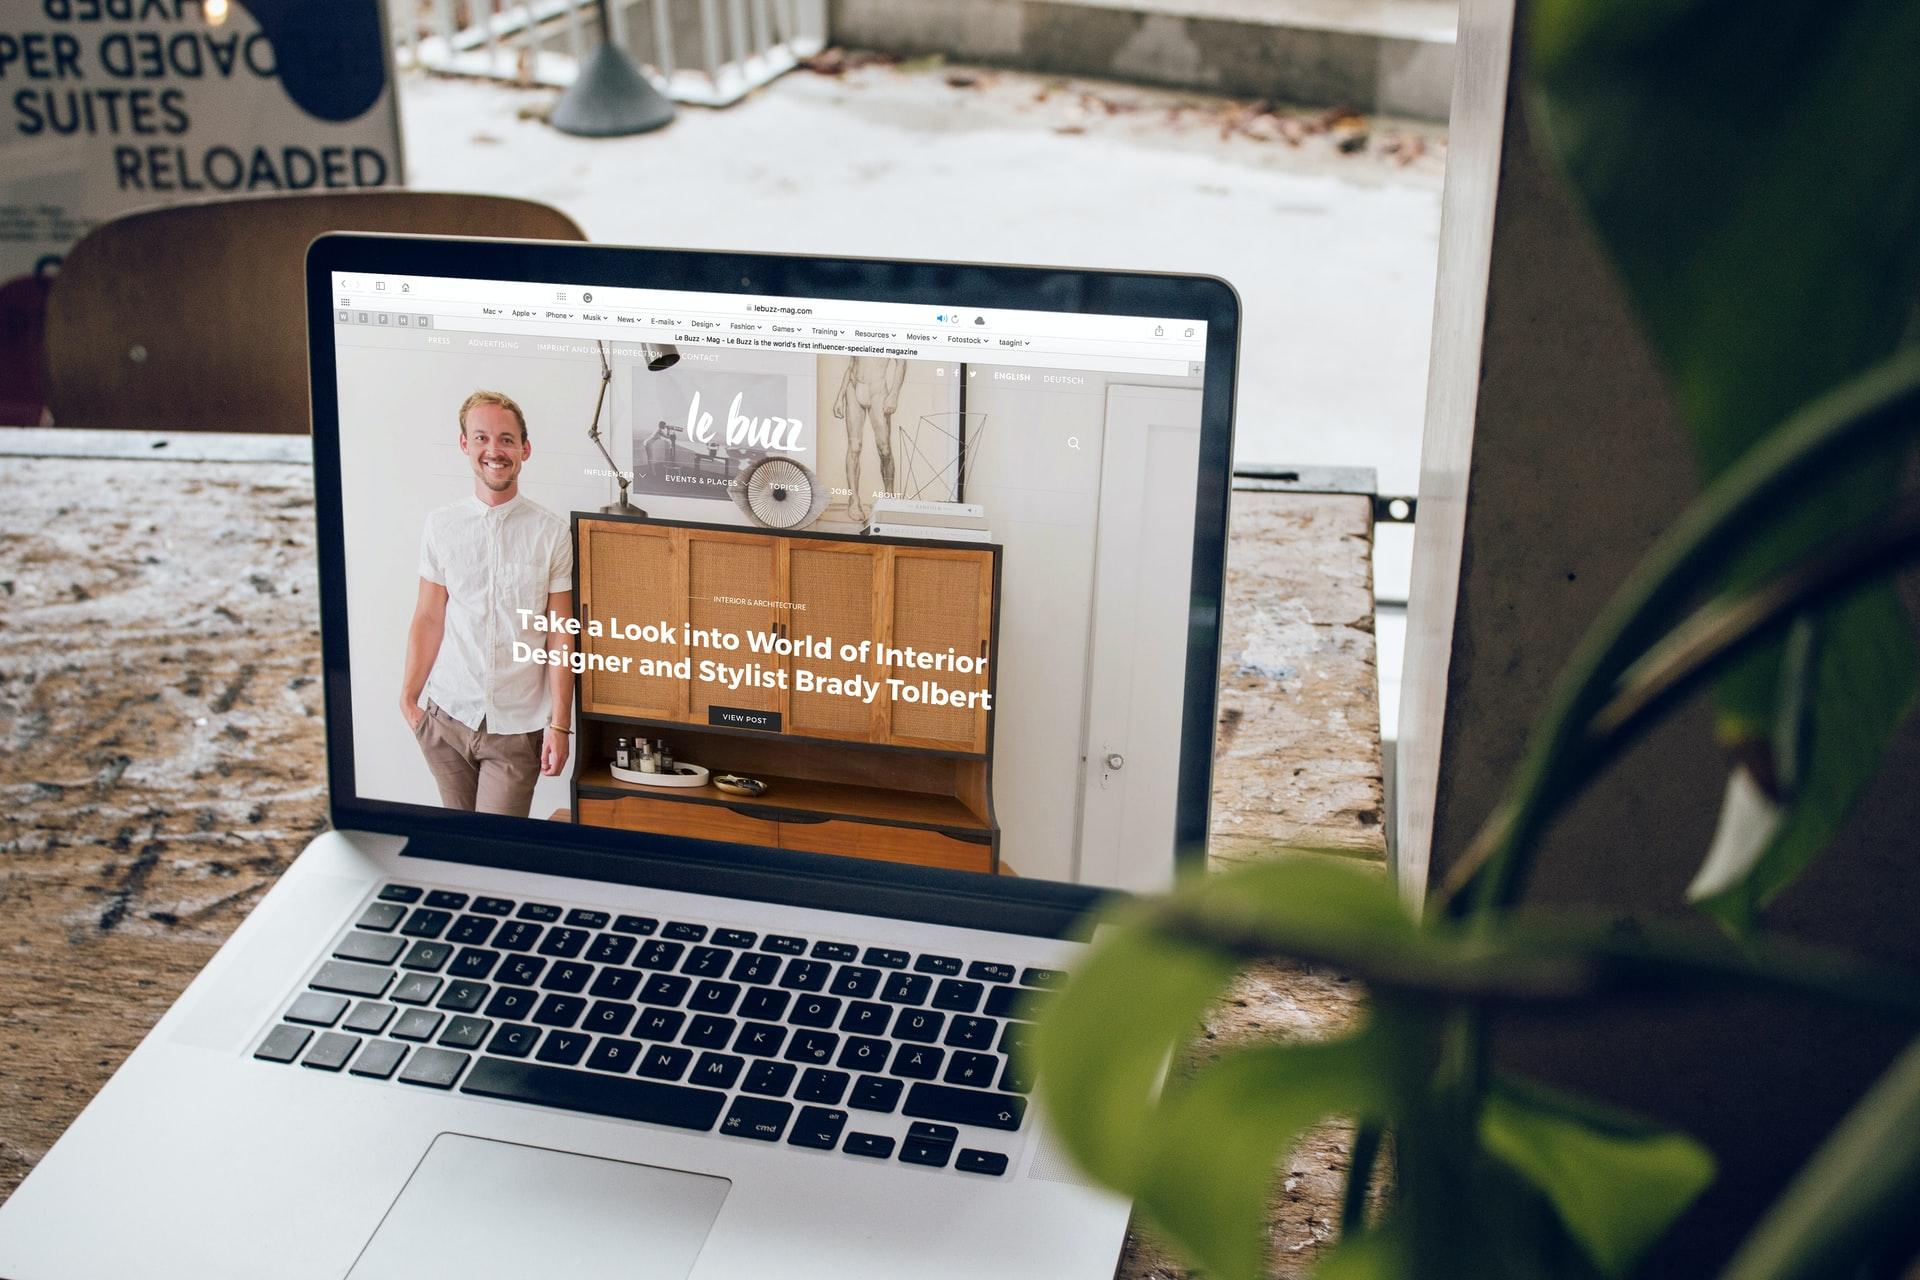 Le Buzz blog website